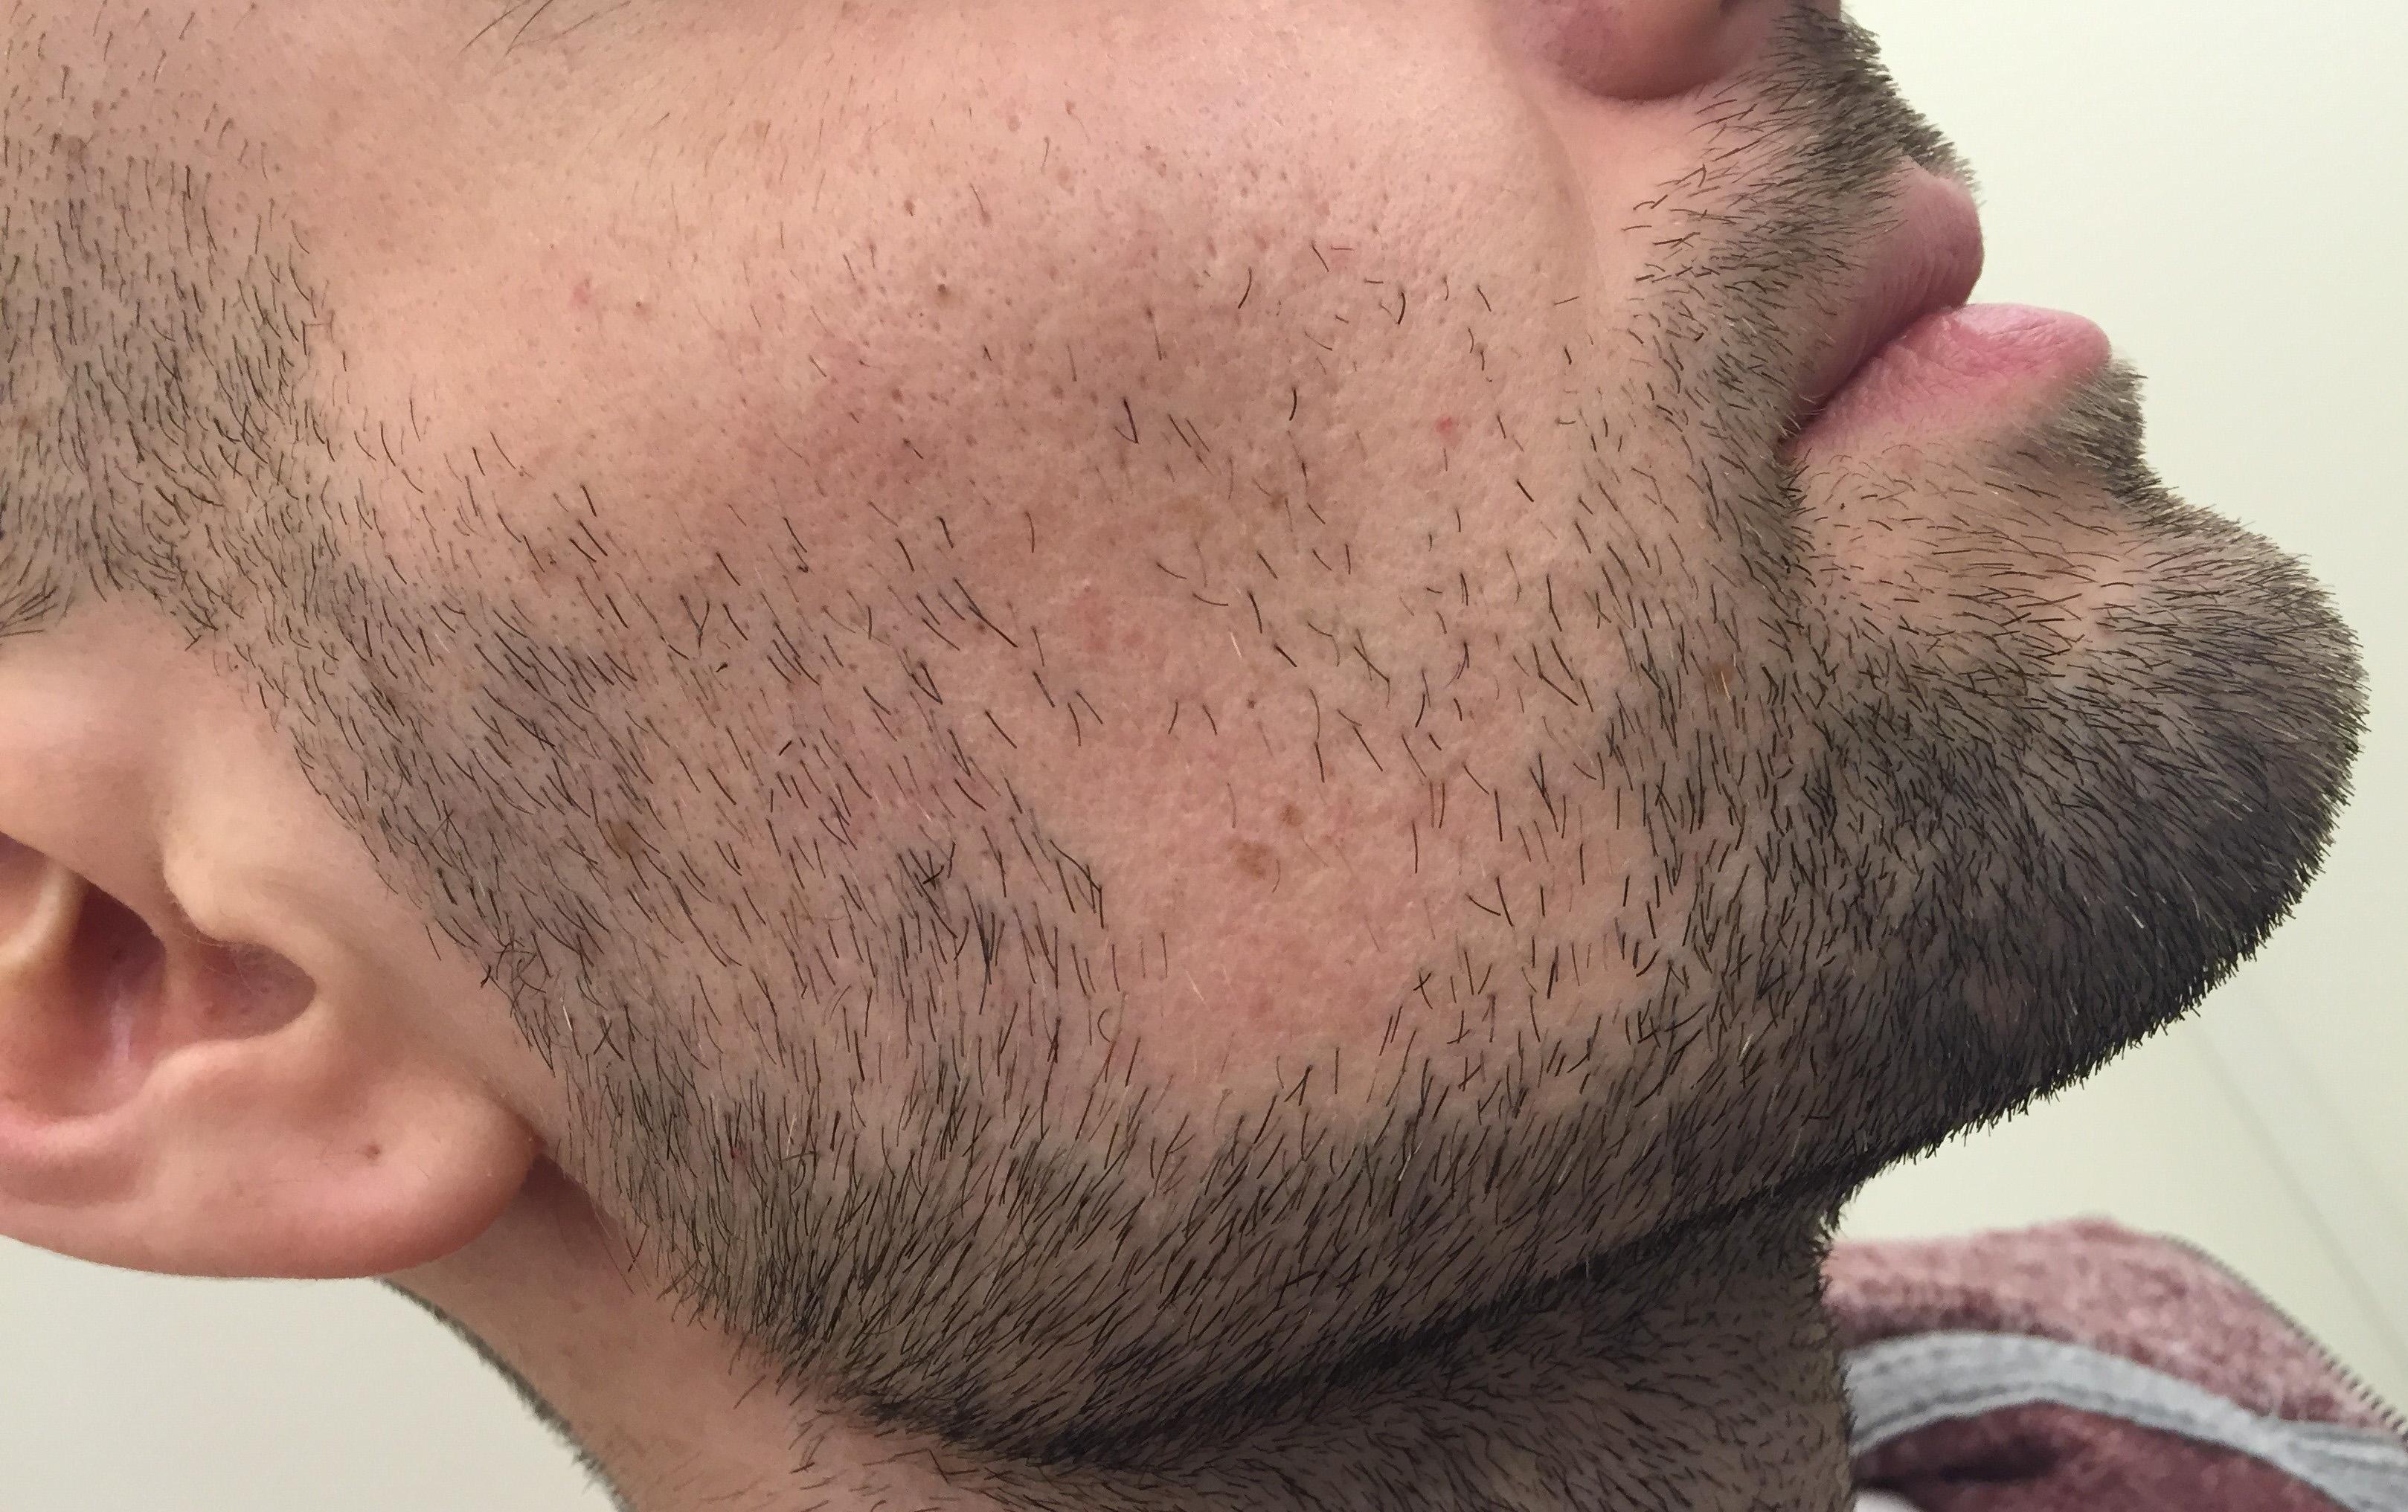 greffe barbe 2_edited